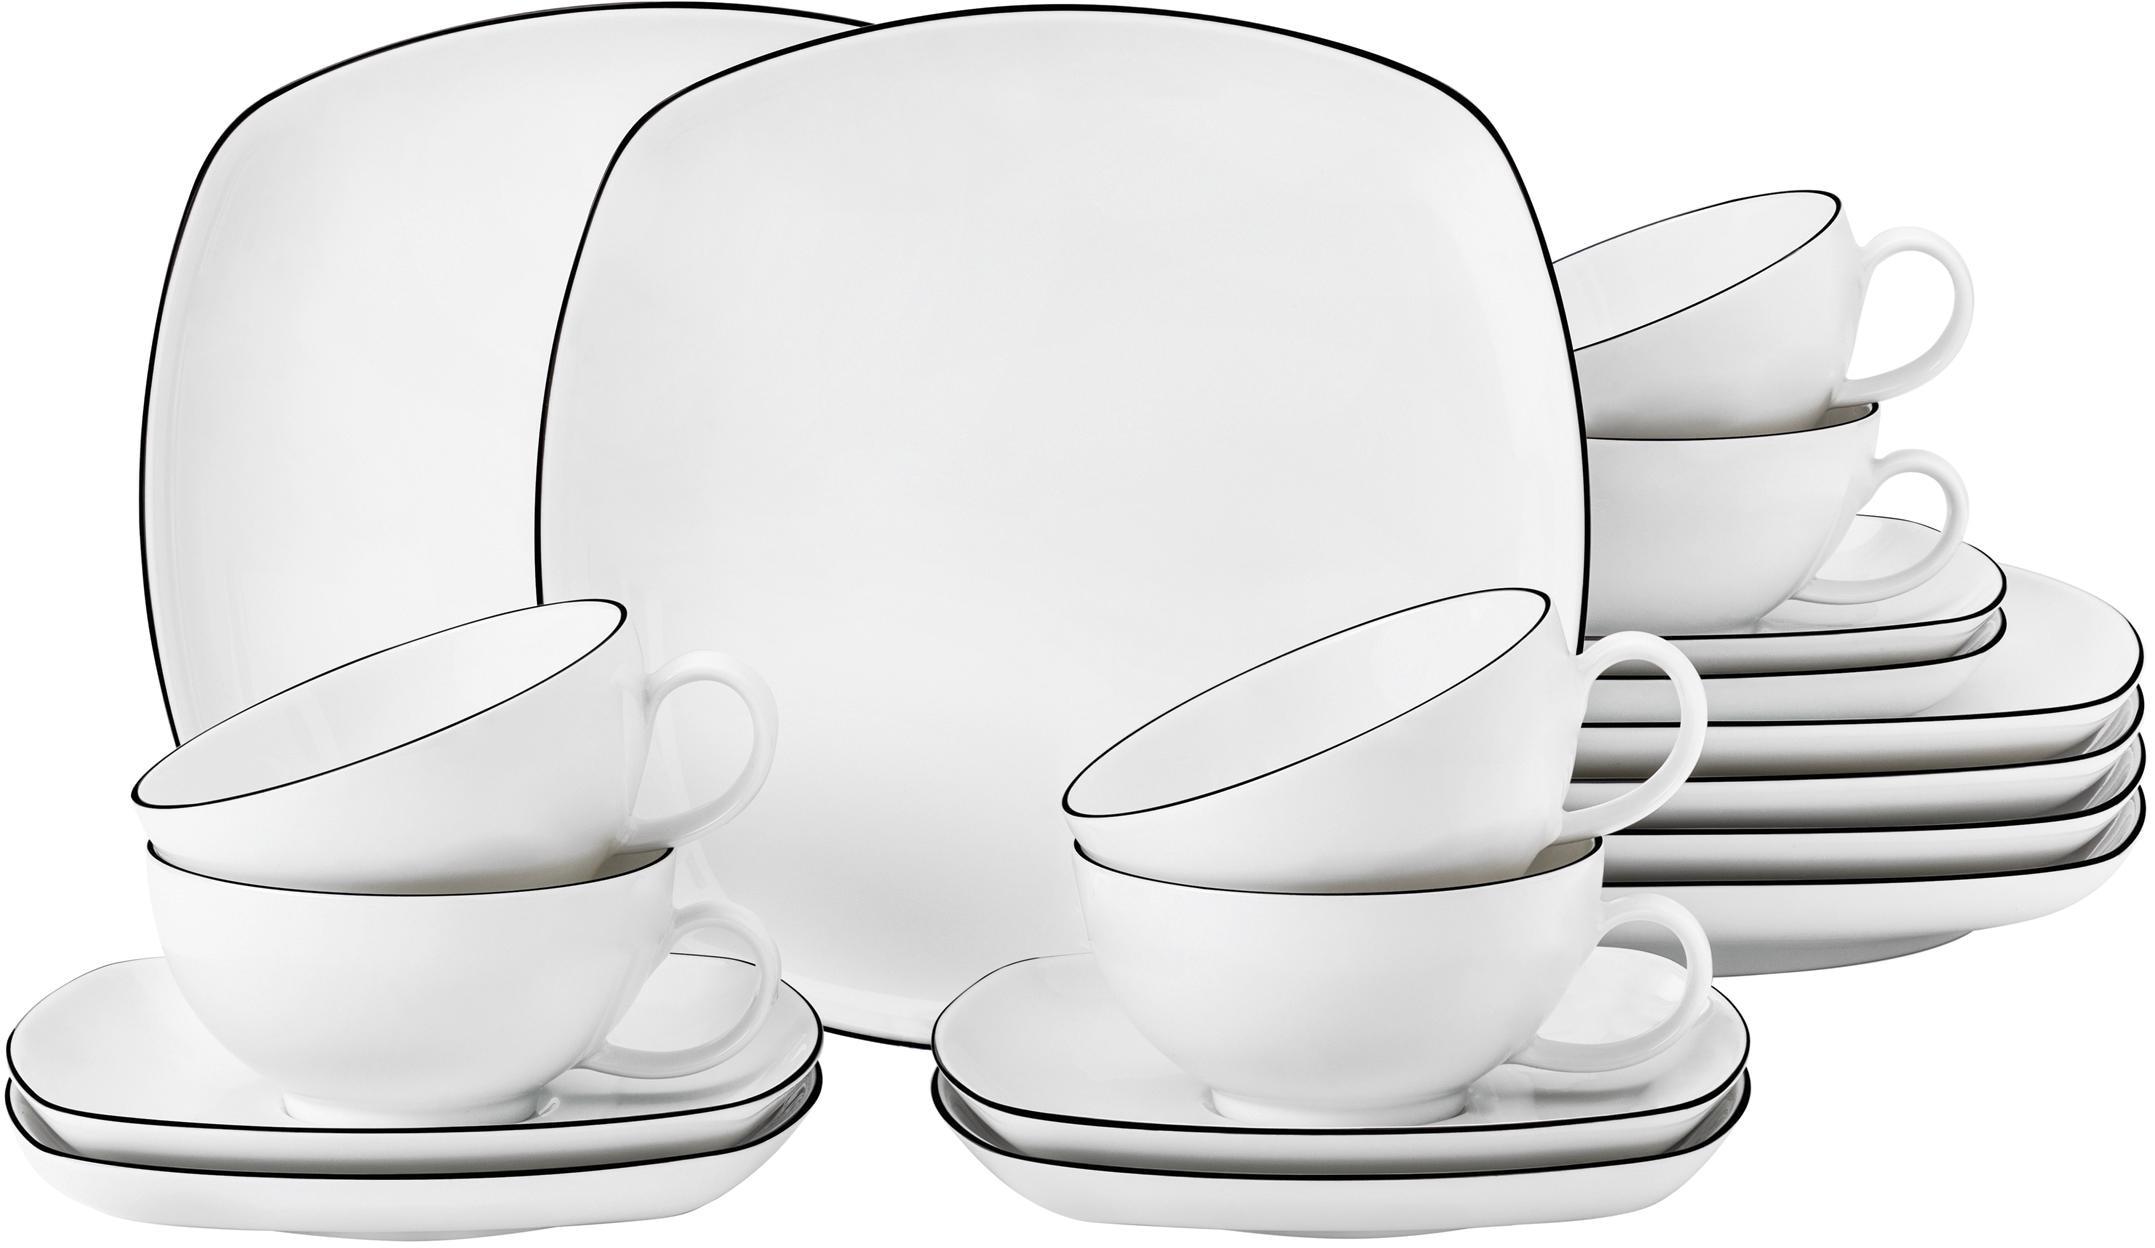 Seltmann Weiden Teeservice Lido, (Set, 18 tlg.), 200 ml weiß Geschirr-Sets Geschirr, Porzellan Tischaccessoires Haushaltswaren